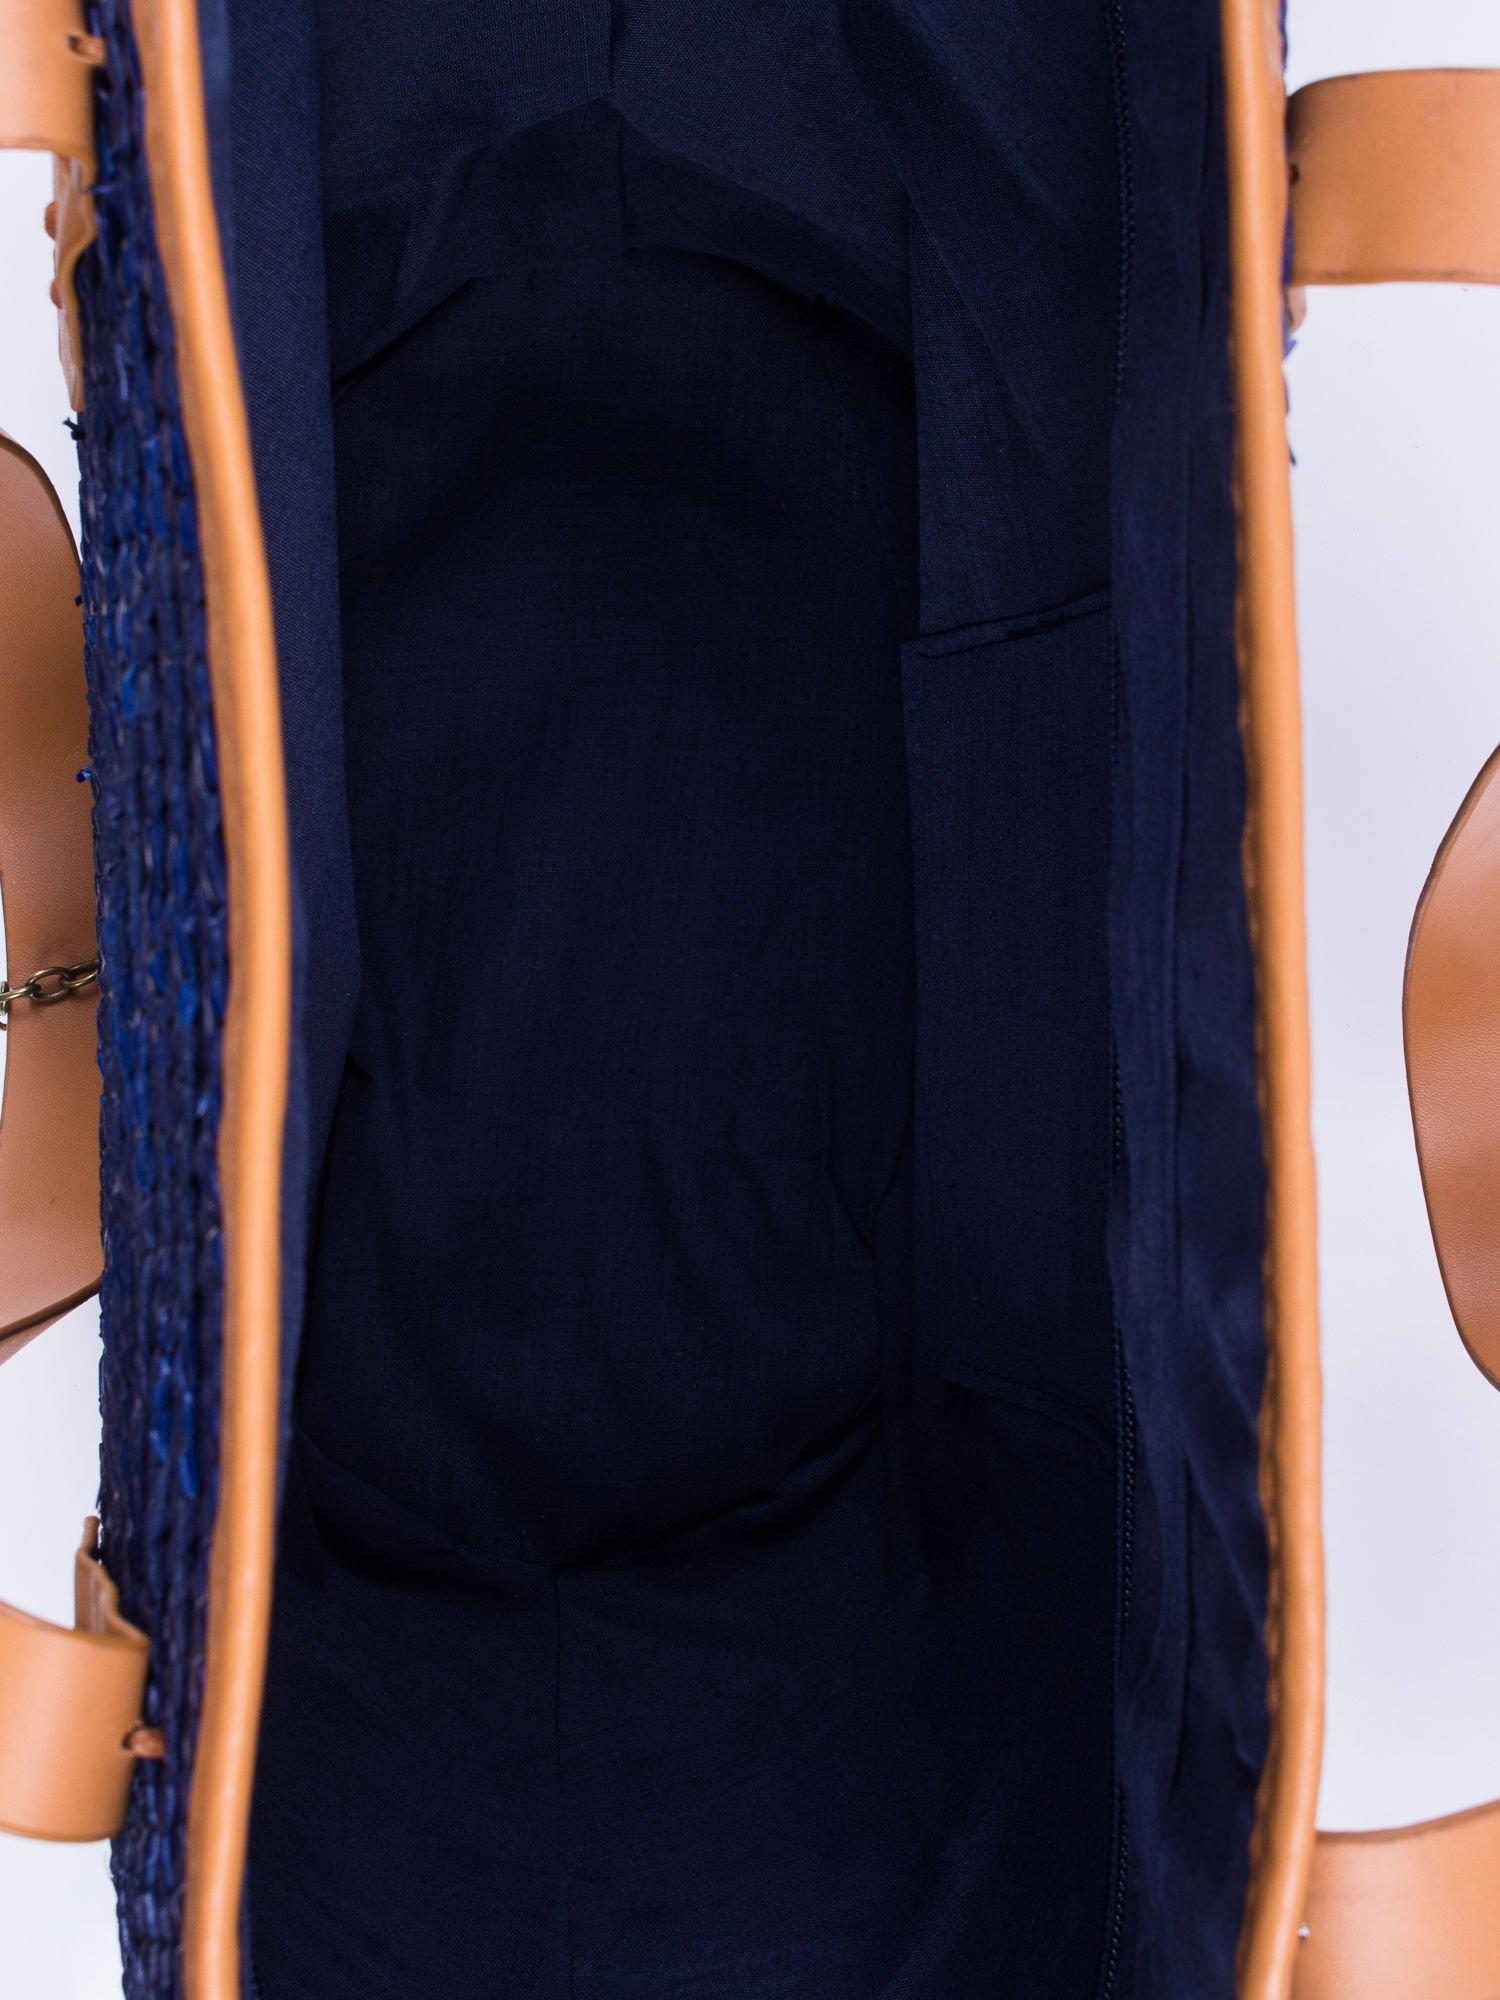 Granatowa torba koszyk plażowy ze skórzanymi rączkami                                  zdj.                                  4